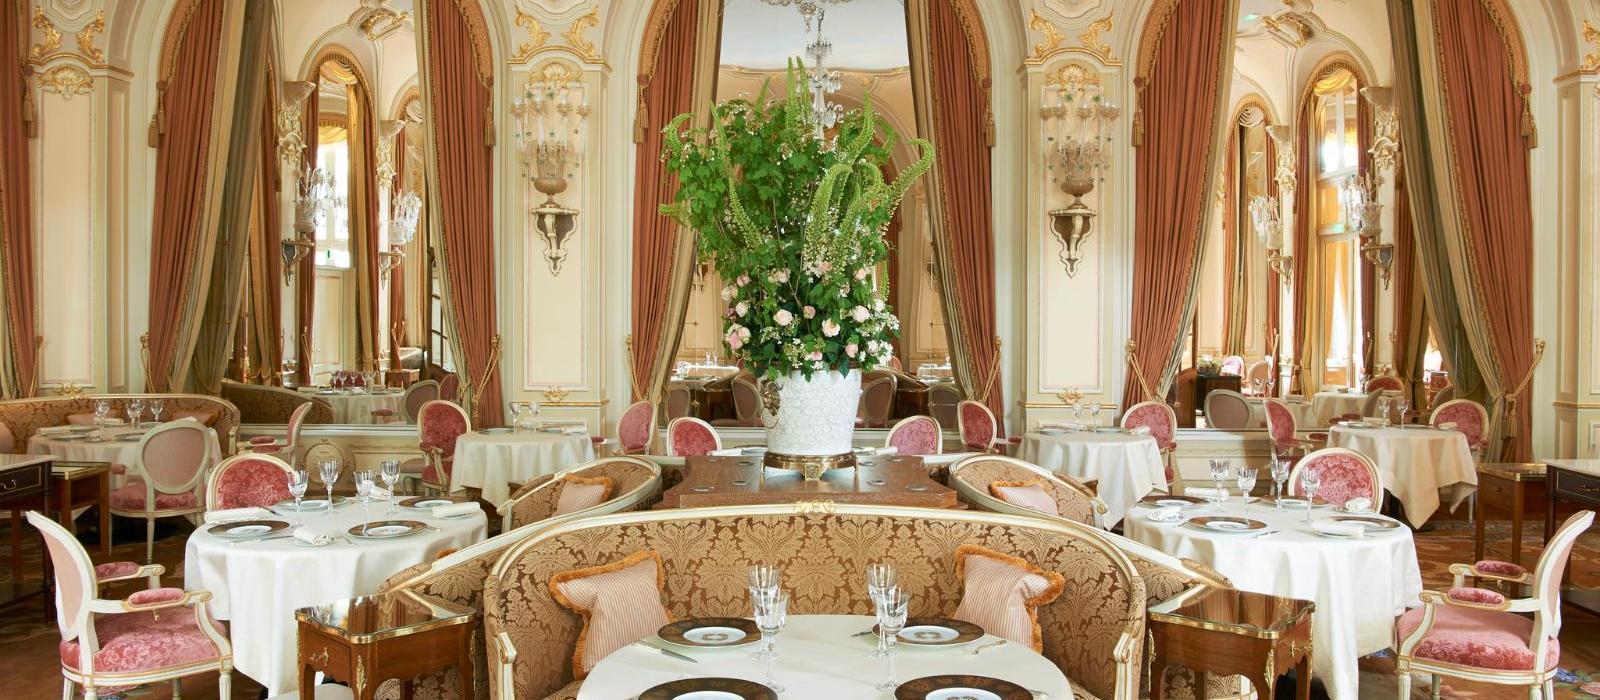 巴黎丽兹酒店(Ritz Paris) L Espadon 餐厅图片  www.lhw.cn